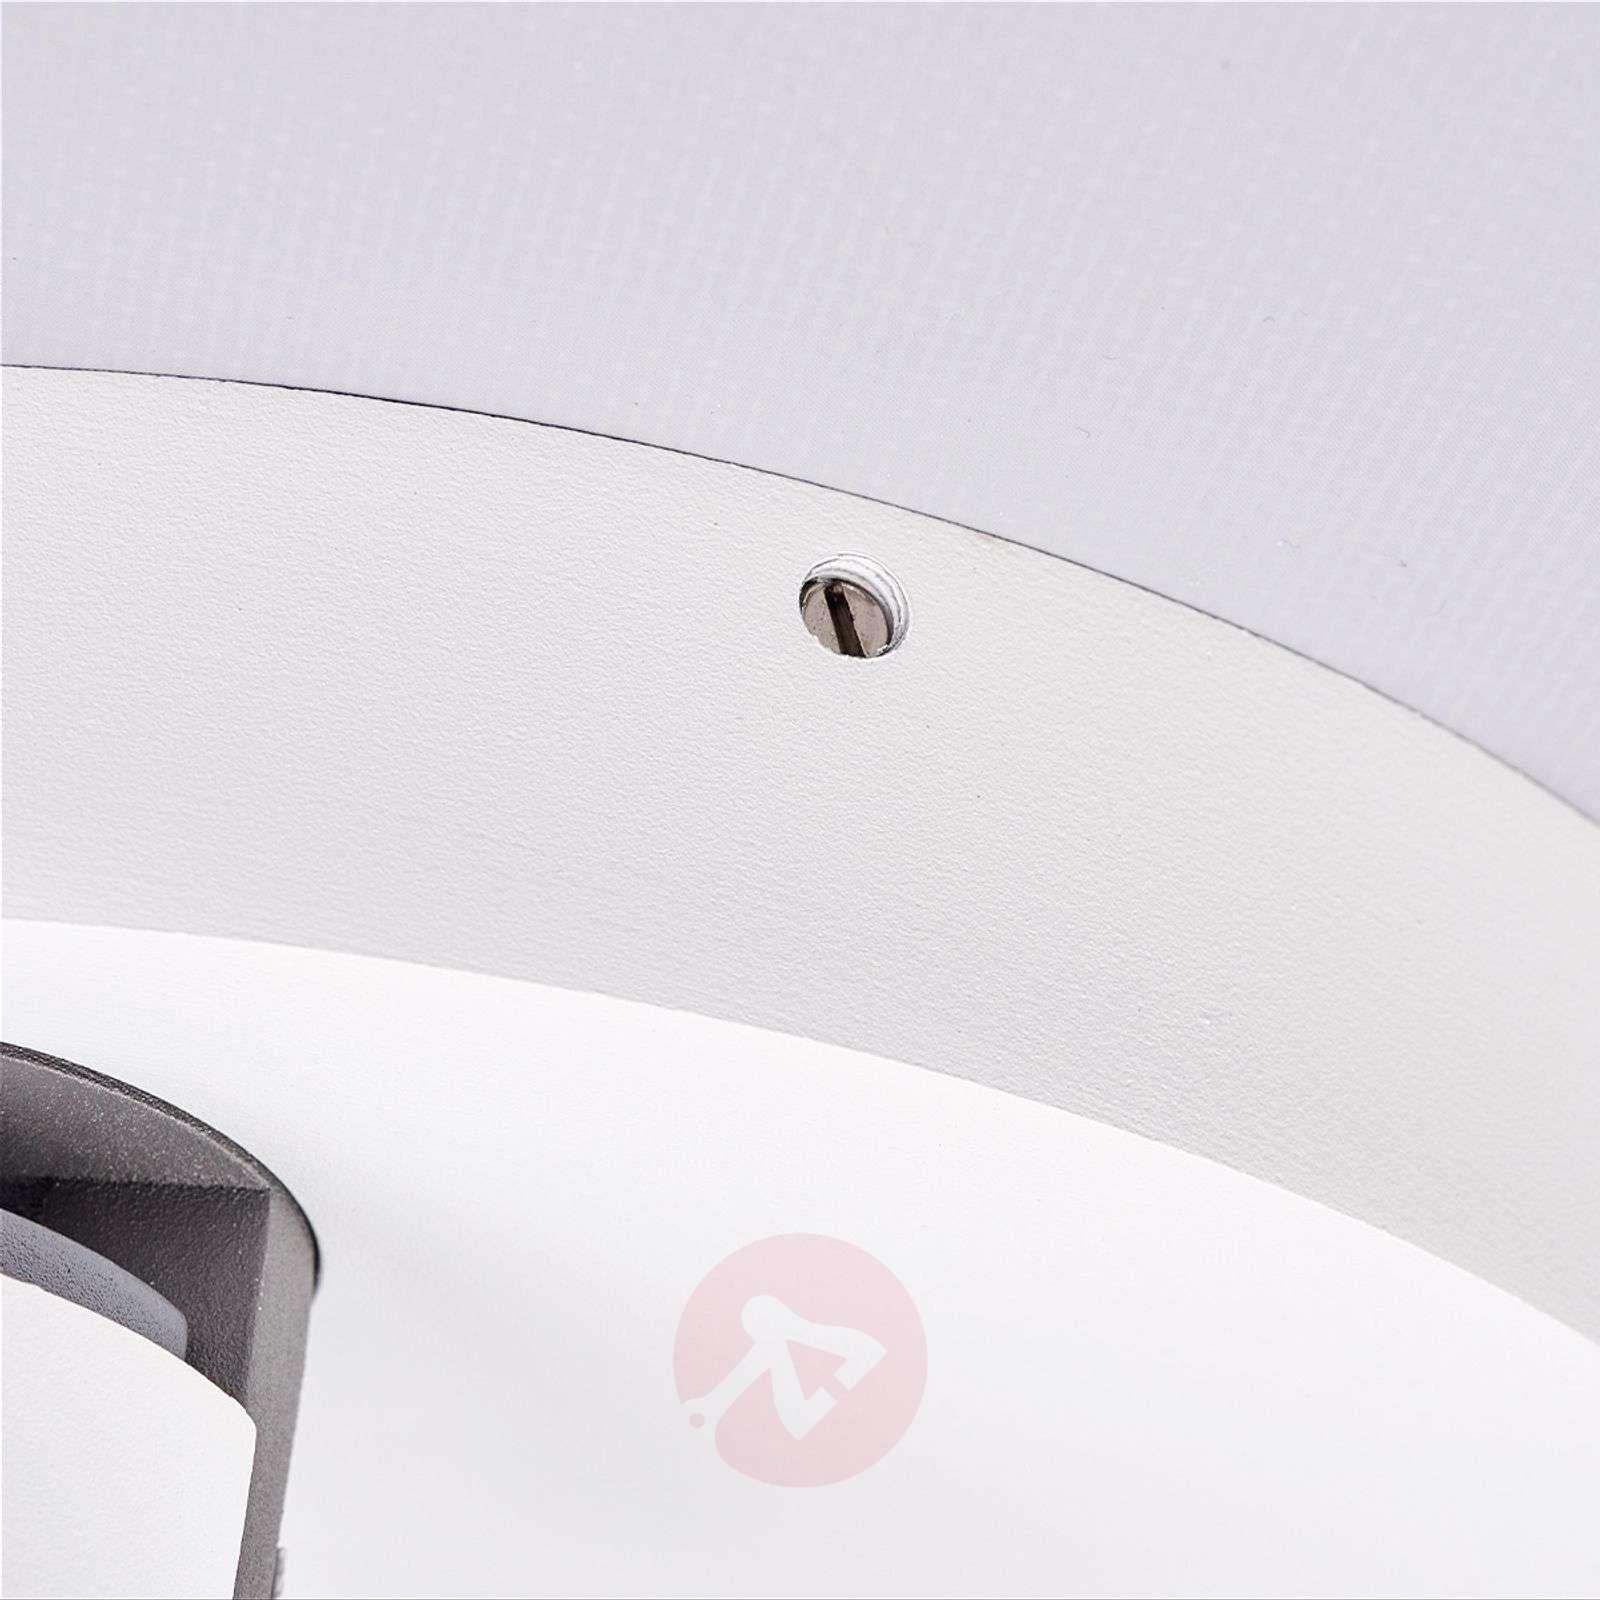 3-lamppuinen LED-kattorondell Sean-9975021-01